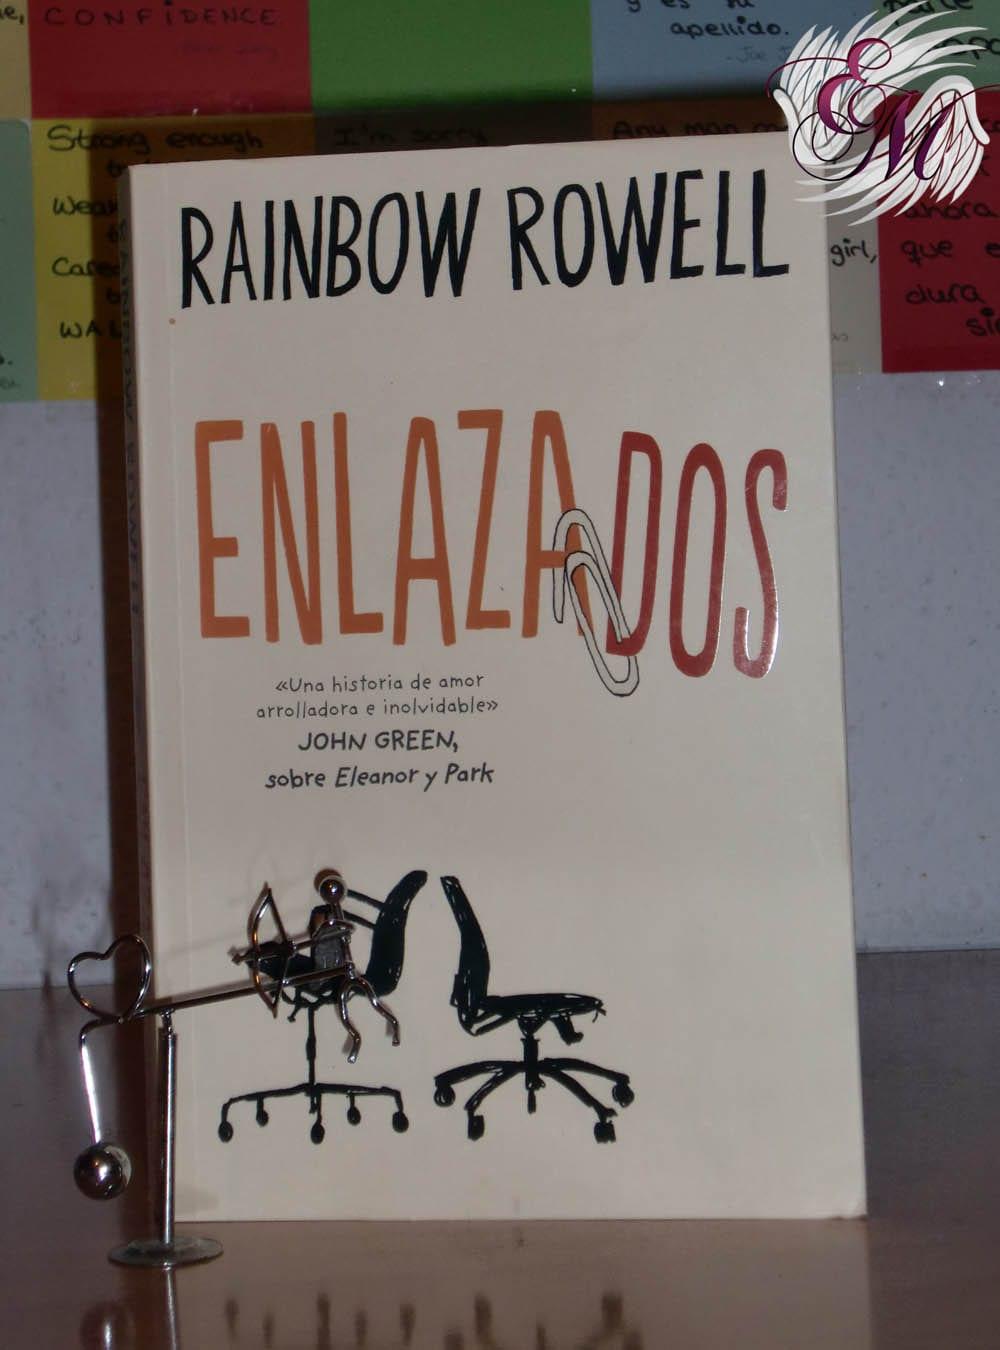 Enlazados, de Rainbow Rowell - Reseña